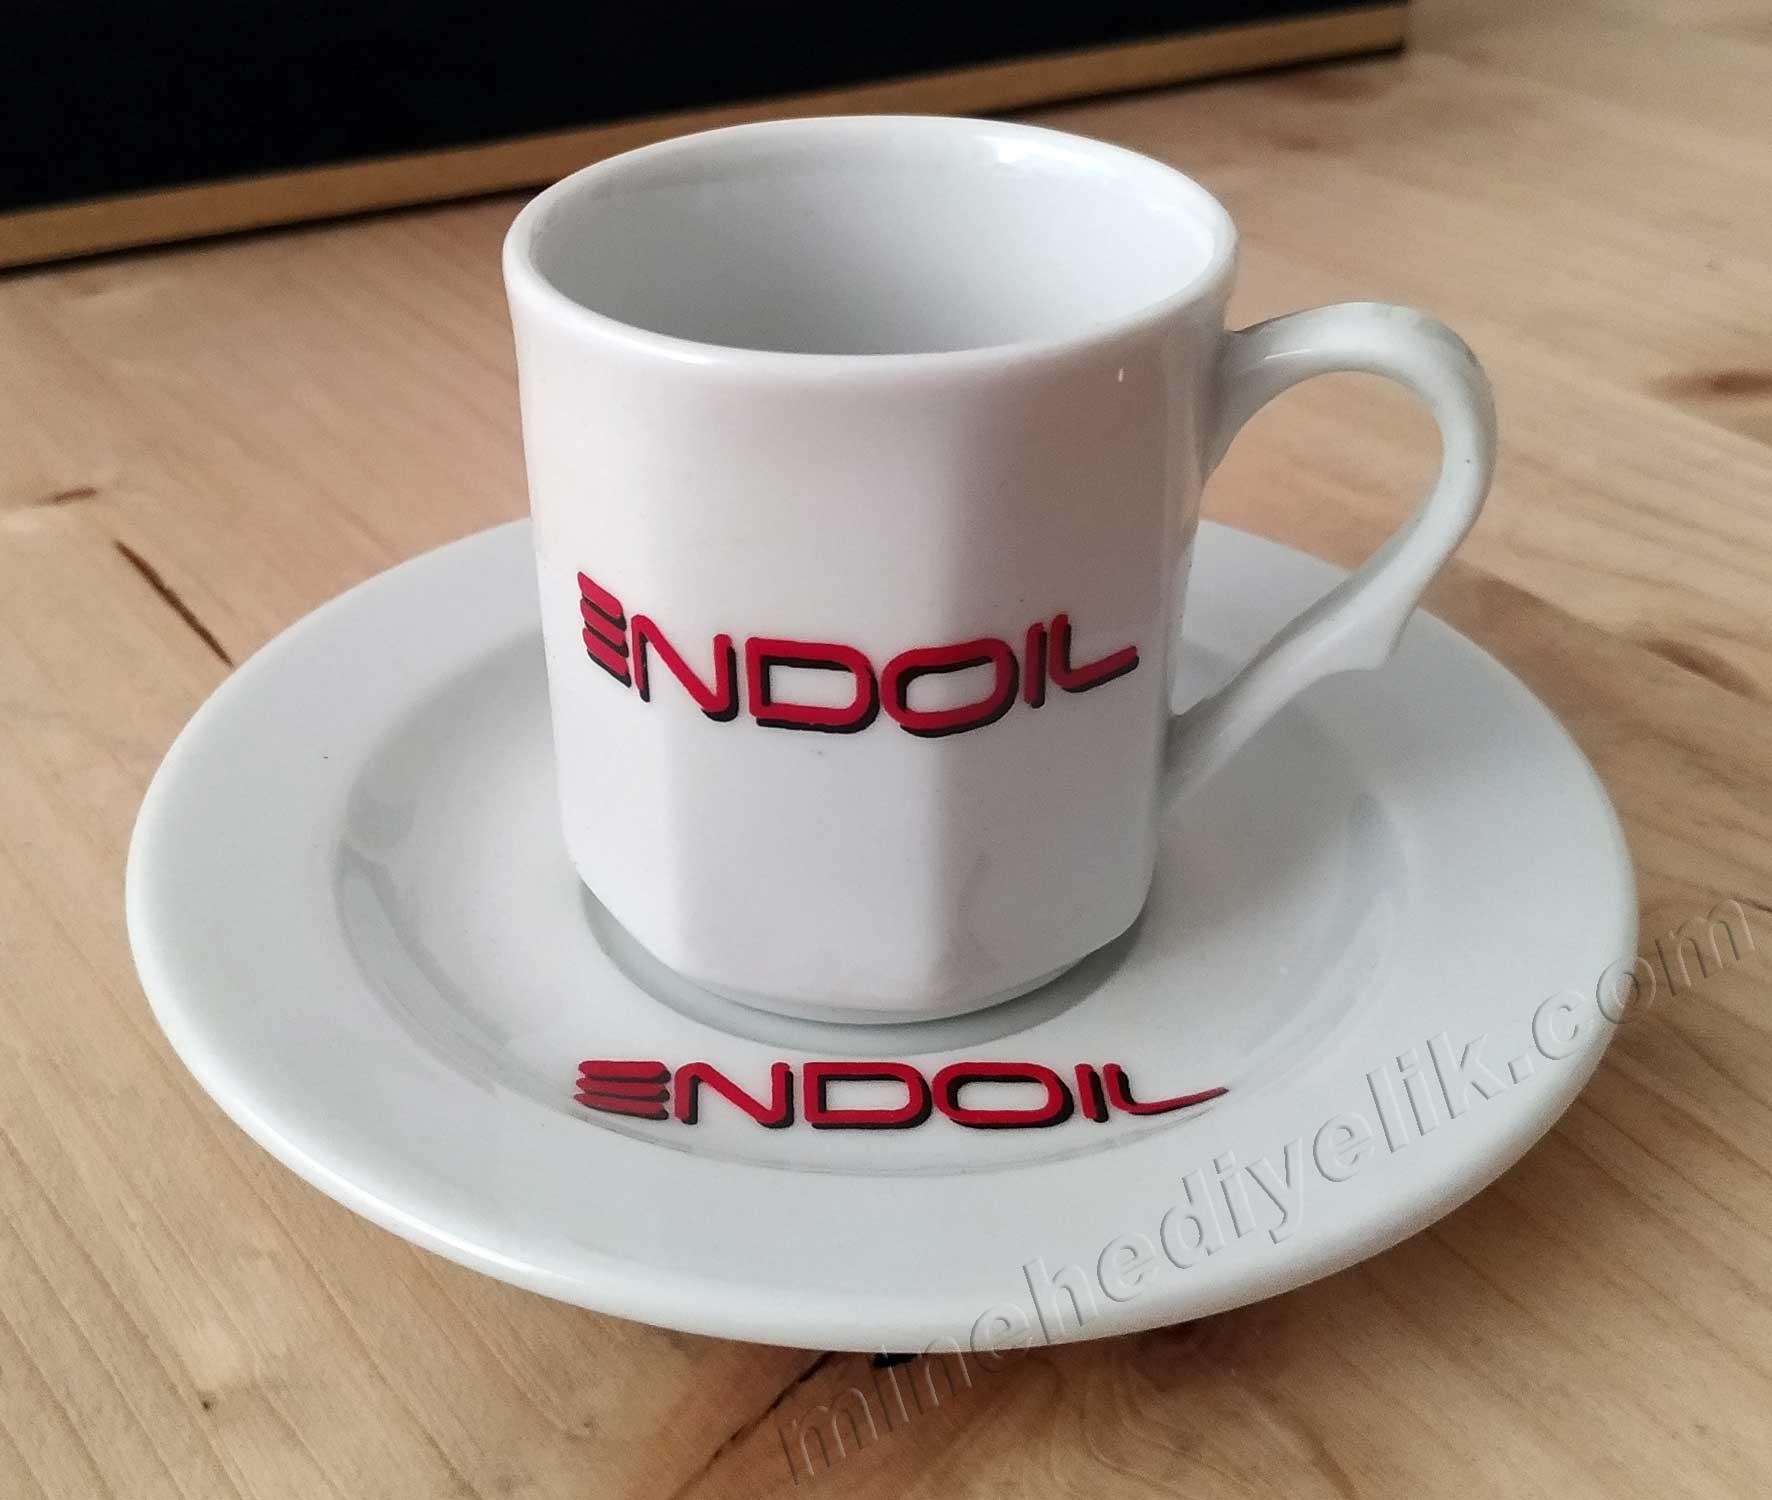 Kurumsal Hediye Amaçlı Logolu Kahve Fincan Takımları Kadife Kutulu Hediyelik altı Kişilik kurumsal promosyon Kahve Fincanları Toptan Satış Fiyatları